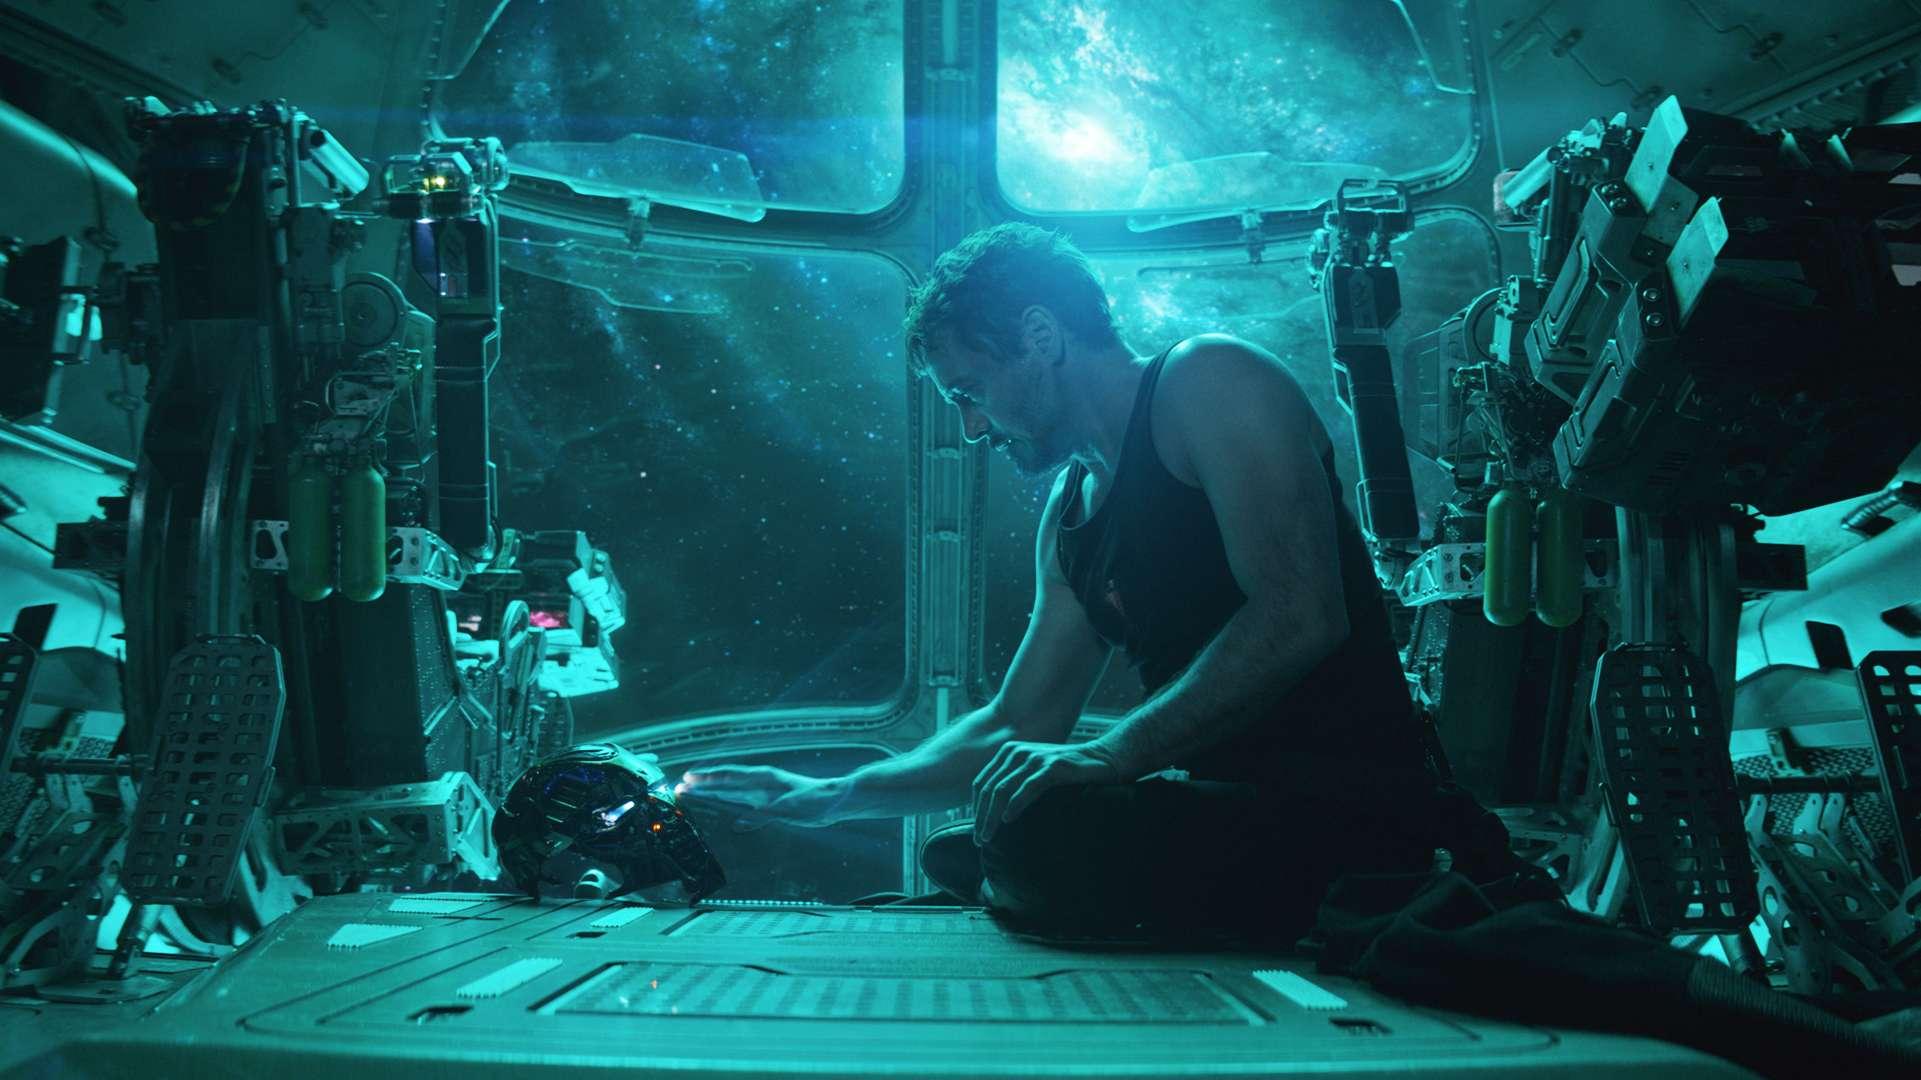 """Langsam geht ihm die Luft aus: Tony Stark versucht, auf die Erde zurückzukommen. Filmszene aus """"Avengers 4: Endgame"""""""